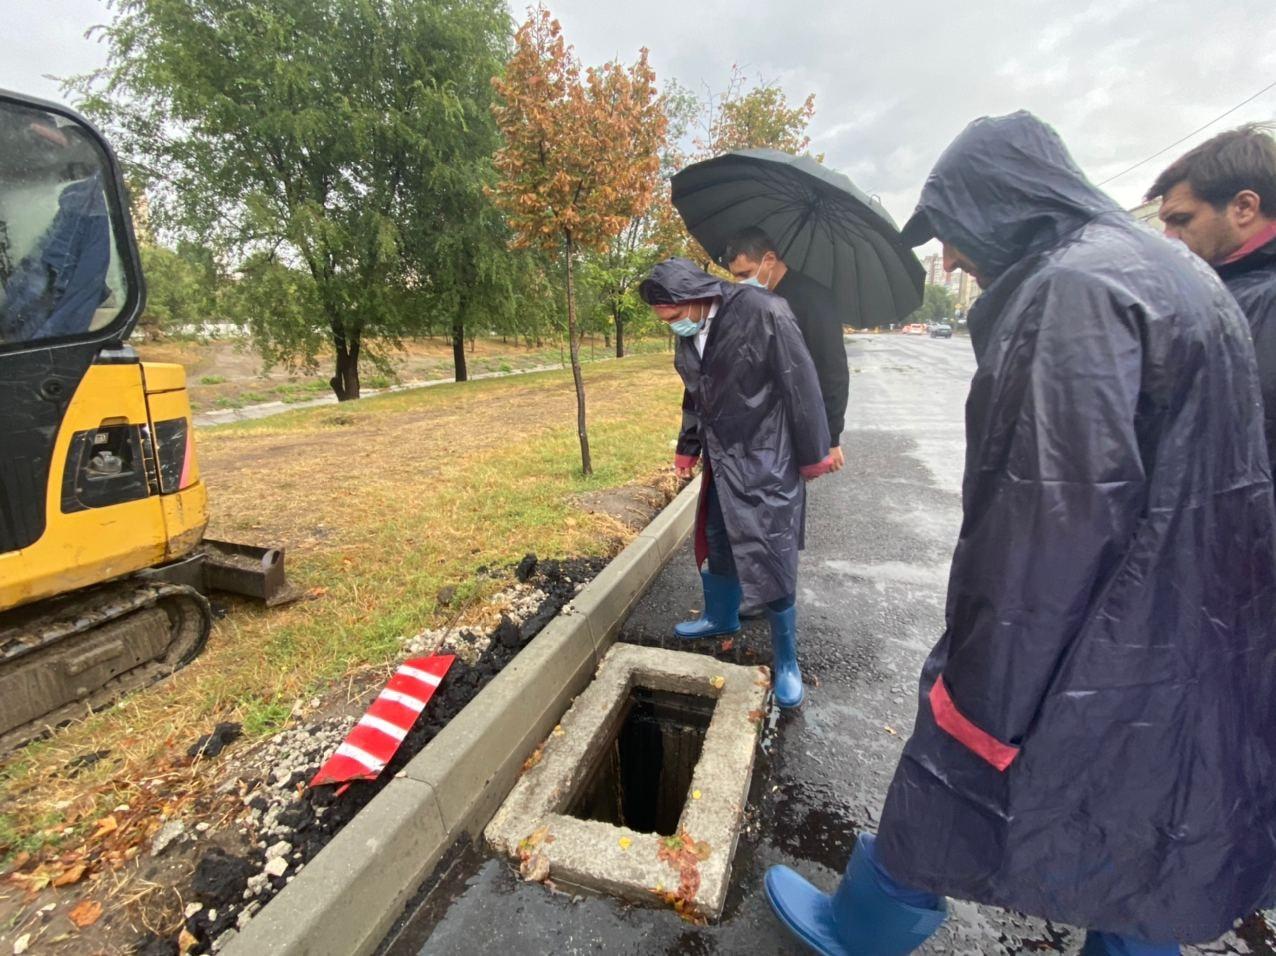 """""""Precipitaţiile abundente ne-au arătat punctele slabe"""". Răspunsul lui Ceban la criticile privind inundațiile din capitală (FOTO)"""